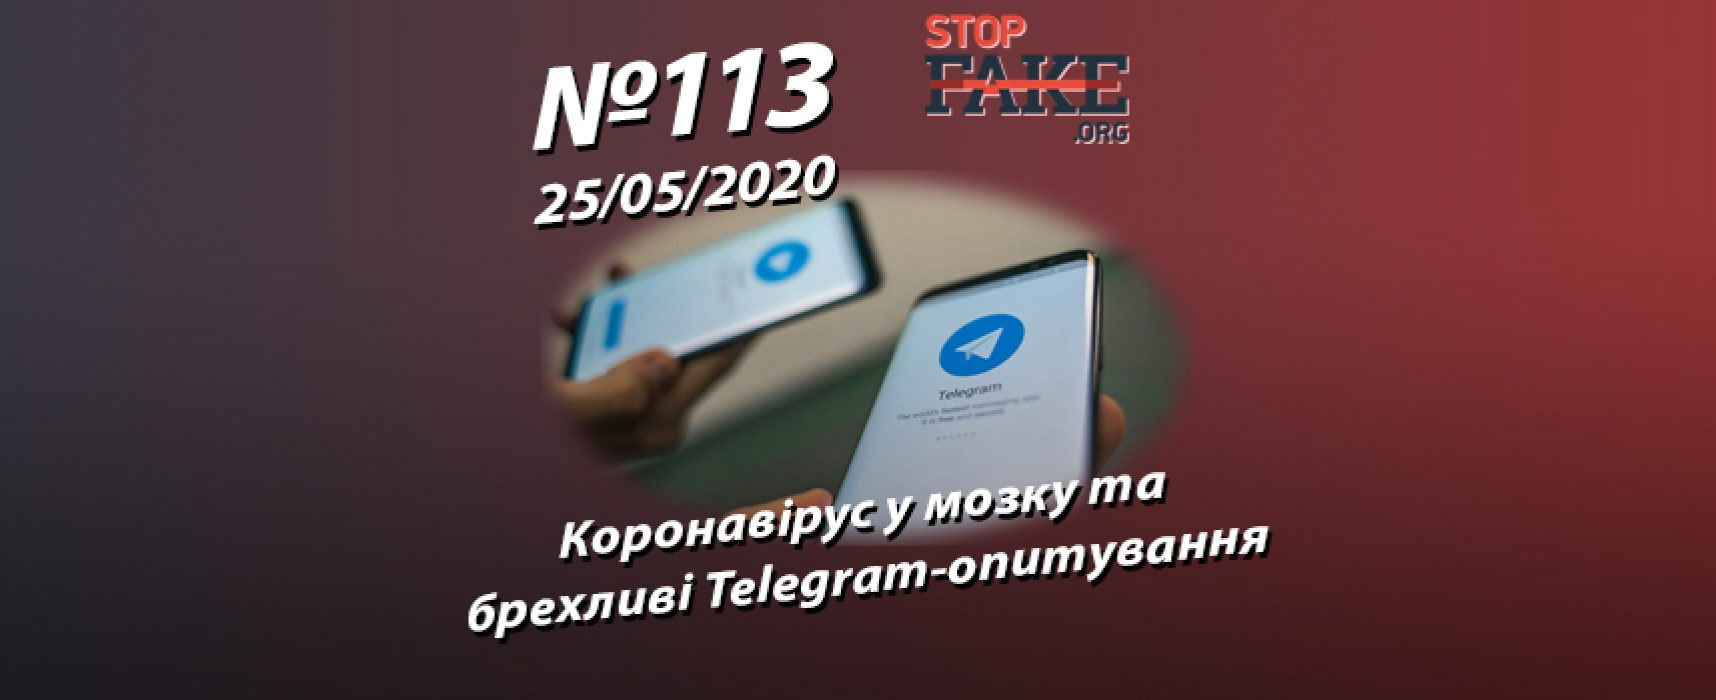 Коронавірус у мозку та брехливі Telegram-опитування – StopFake.org